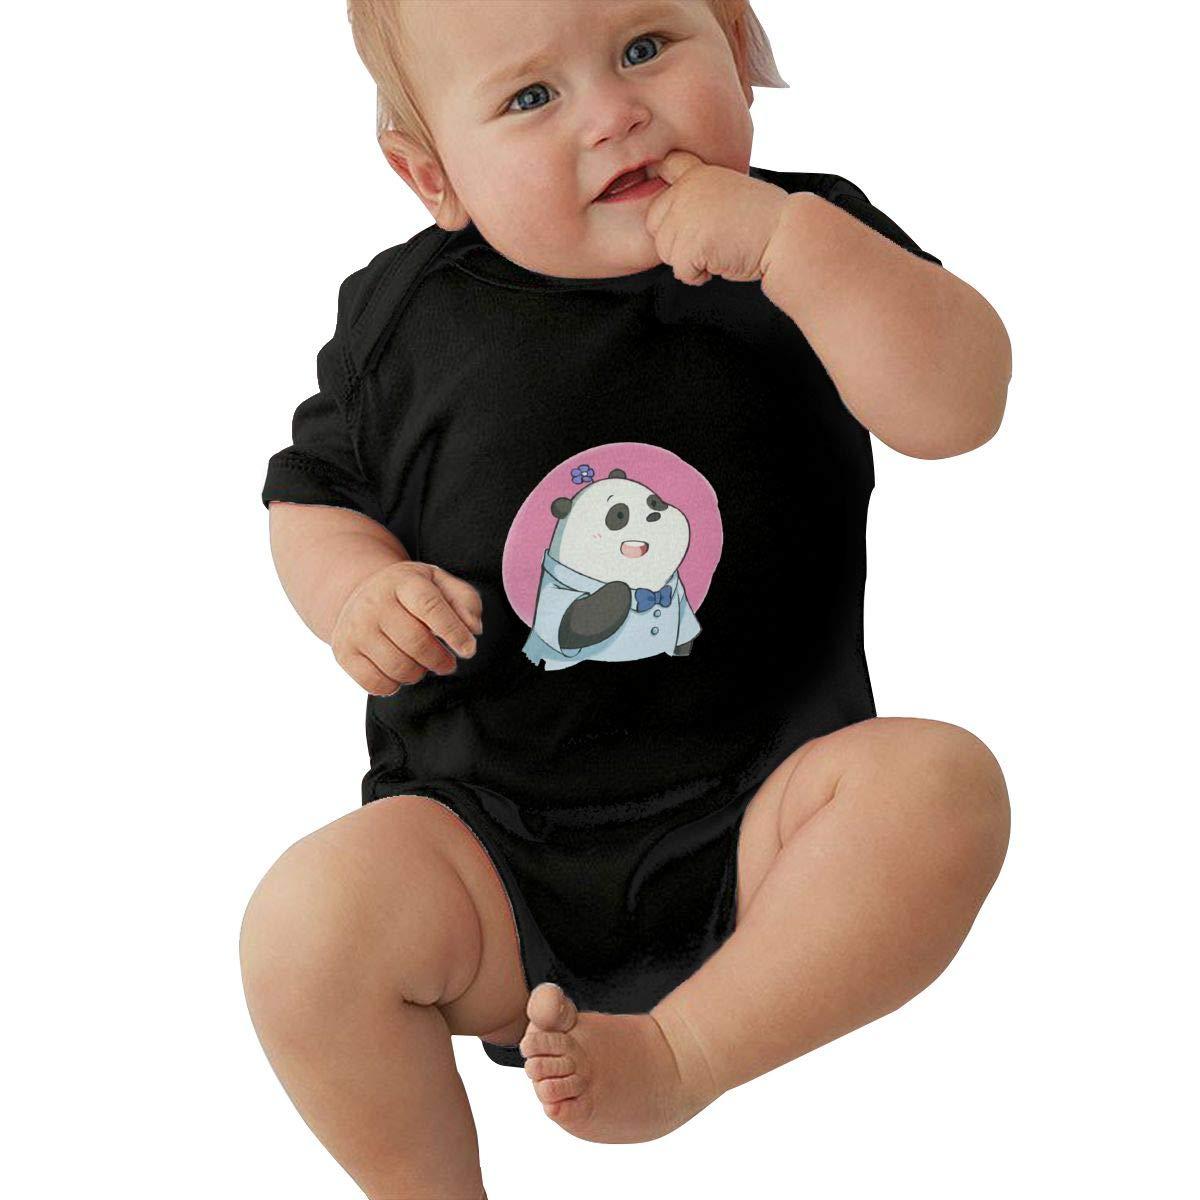 KunYuHeng Unisex Baby Round Neck Short Sleeve Onesie We Bare Bears Funny Crawling Clothes Black